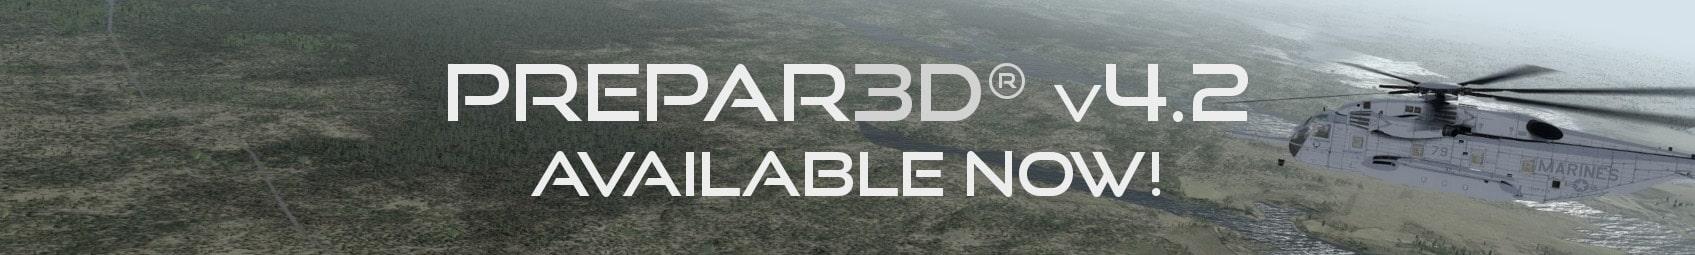 Prepar3D v4 2 Online